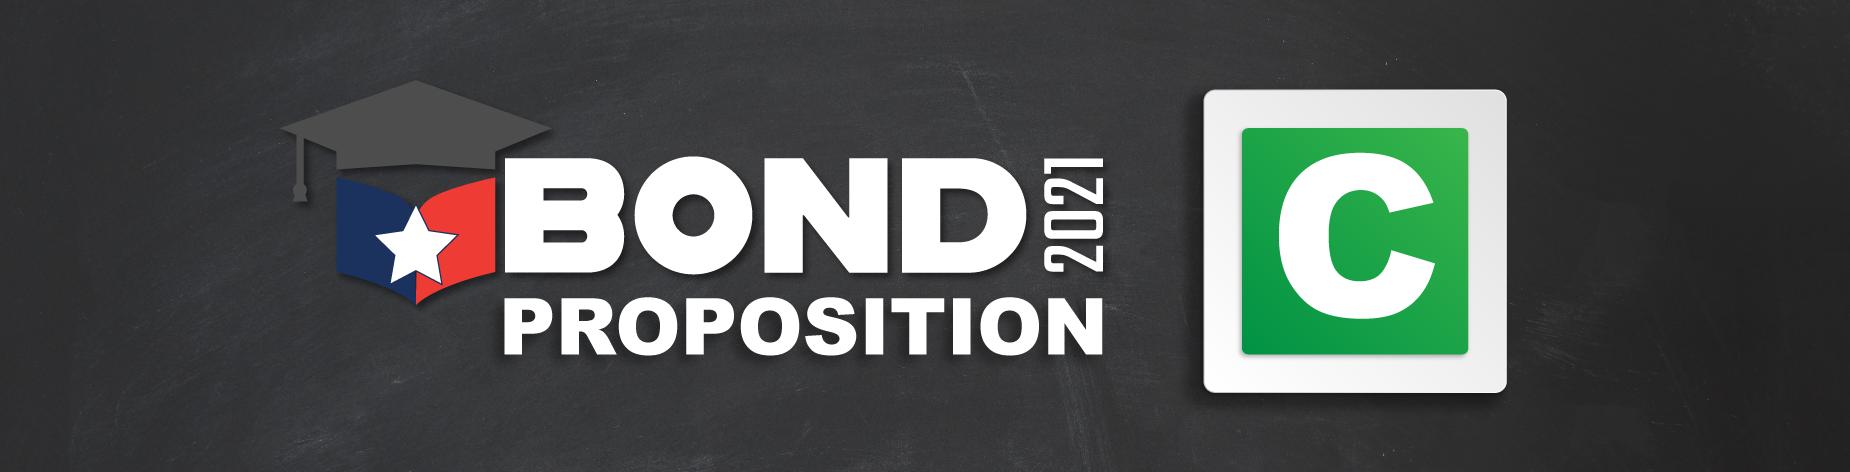 Bond Proposition C Banner